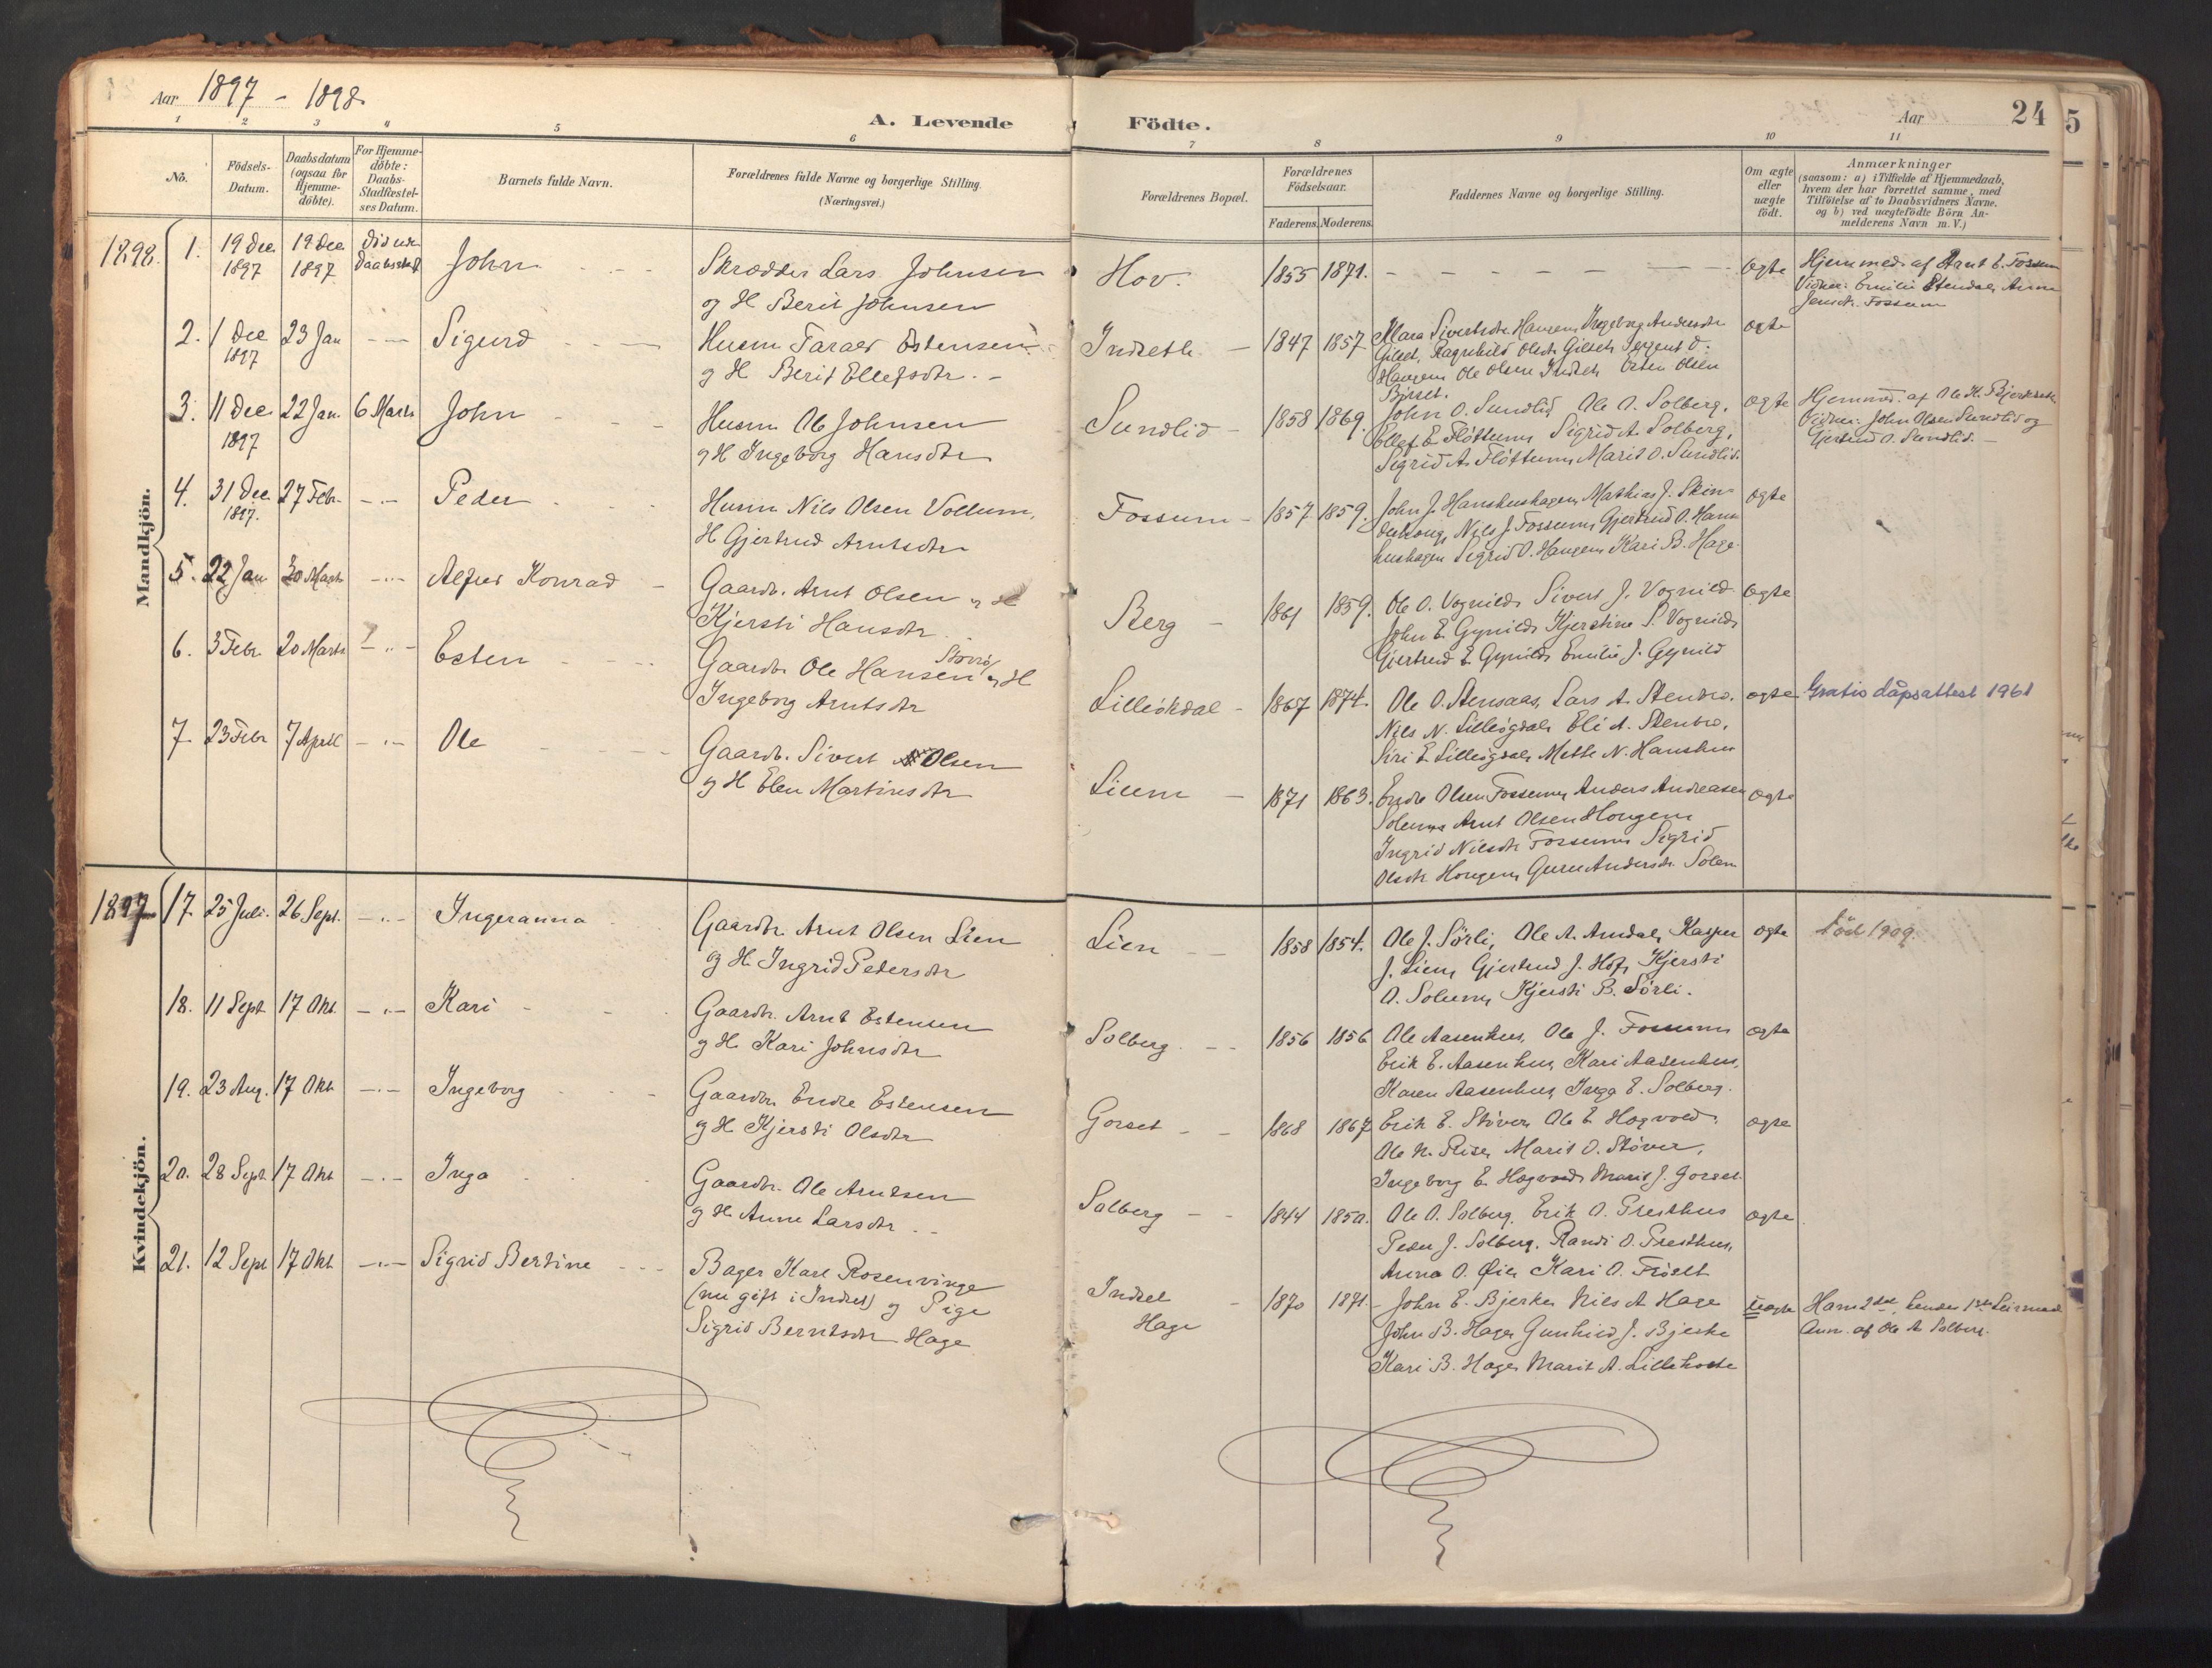 SAT, Ministerialprotokoller, klokkerbøker og fødselsregistre - Sør-Trøndelag, 689/L1041: Ministerialbok nr. 689A06, 1891-1923, s. 24